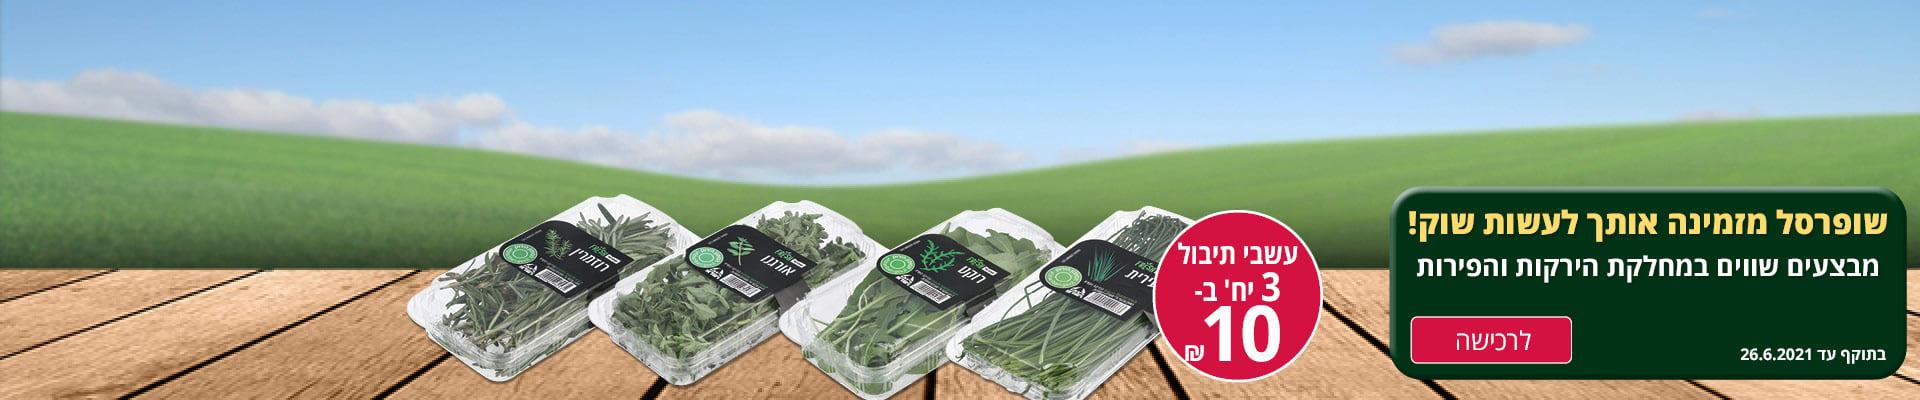 שופרסל מזמינה אותך לעשות שוק !מבצעים שווים במחלקת הירקות והפירות עשבי תיבול 2 יח' ב- 10 ₪ לרכישה בוקף עד 12.6.2021